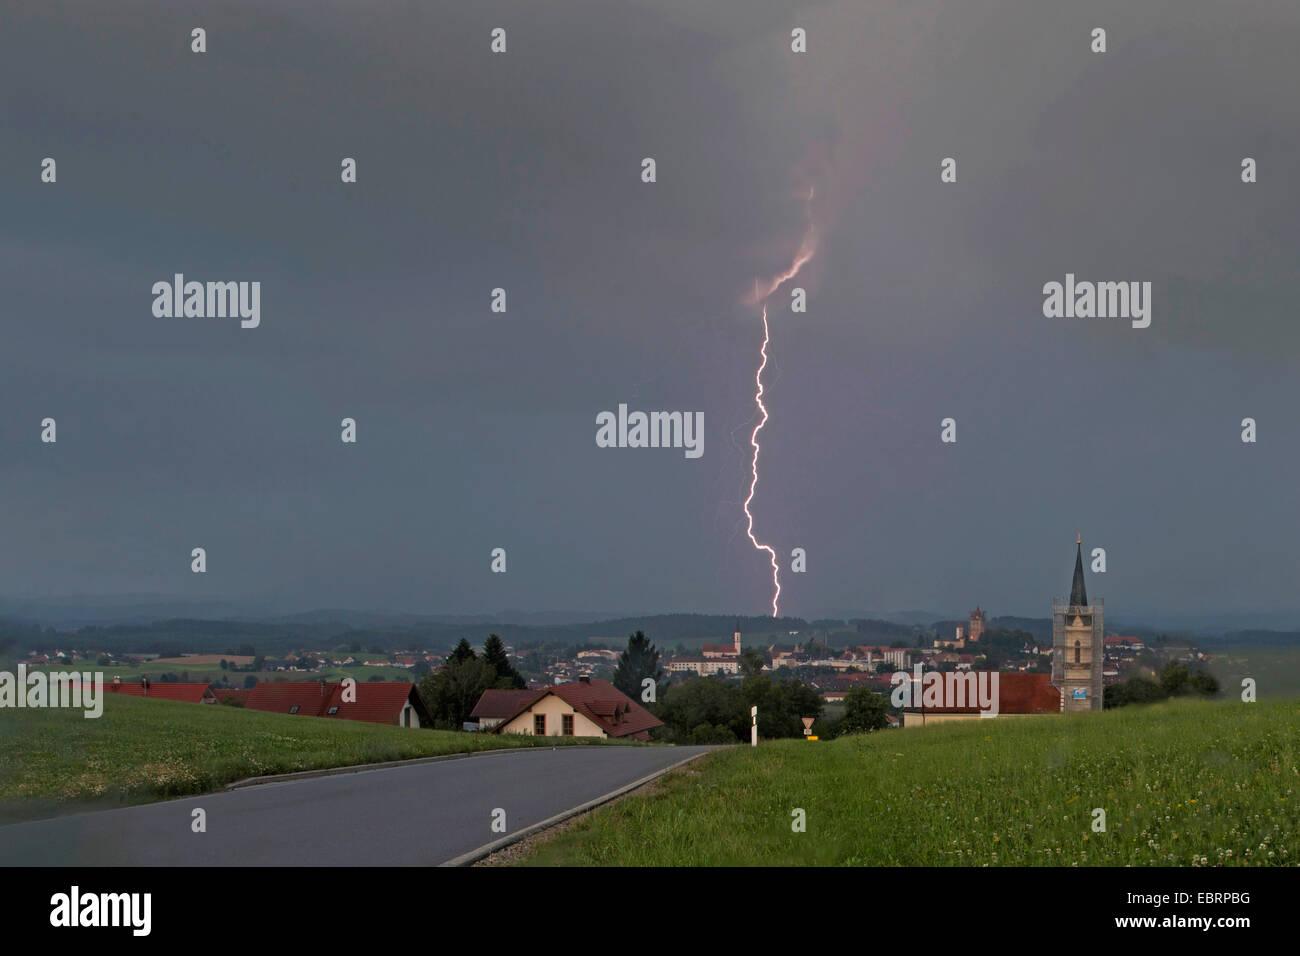 Blitz in einem Waldgebiet bei Tageslicht, Deutschland, Bayern, Alpenvorland Stockbild